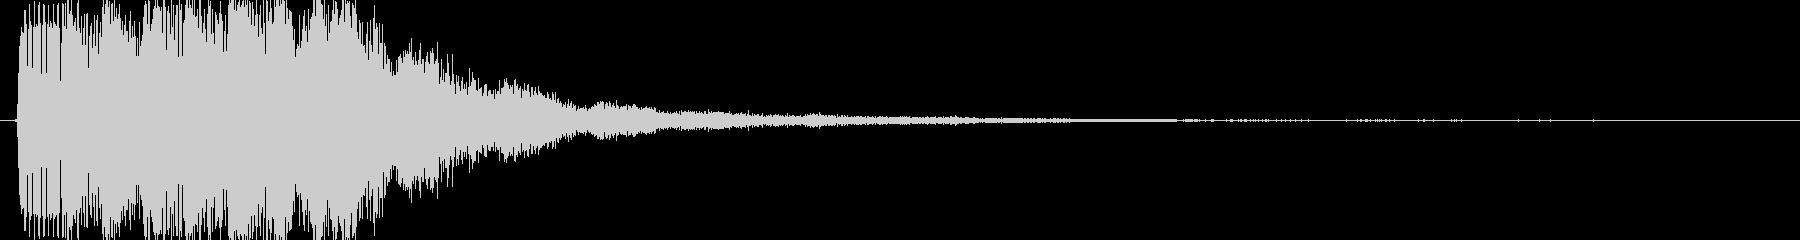 チャンス_01(クイズの出題音等)の未再生の波形